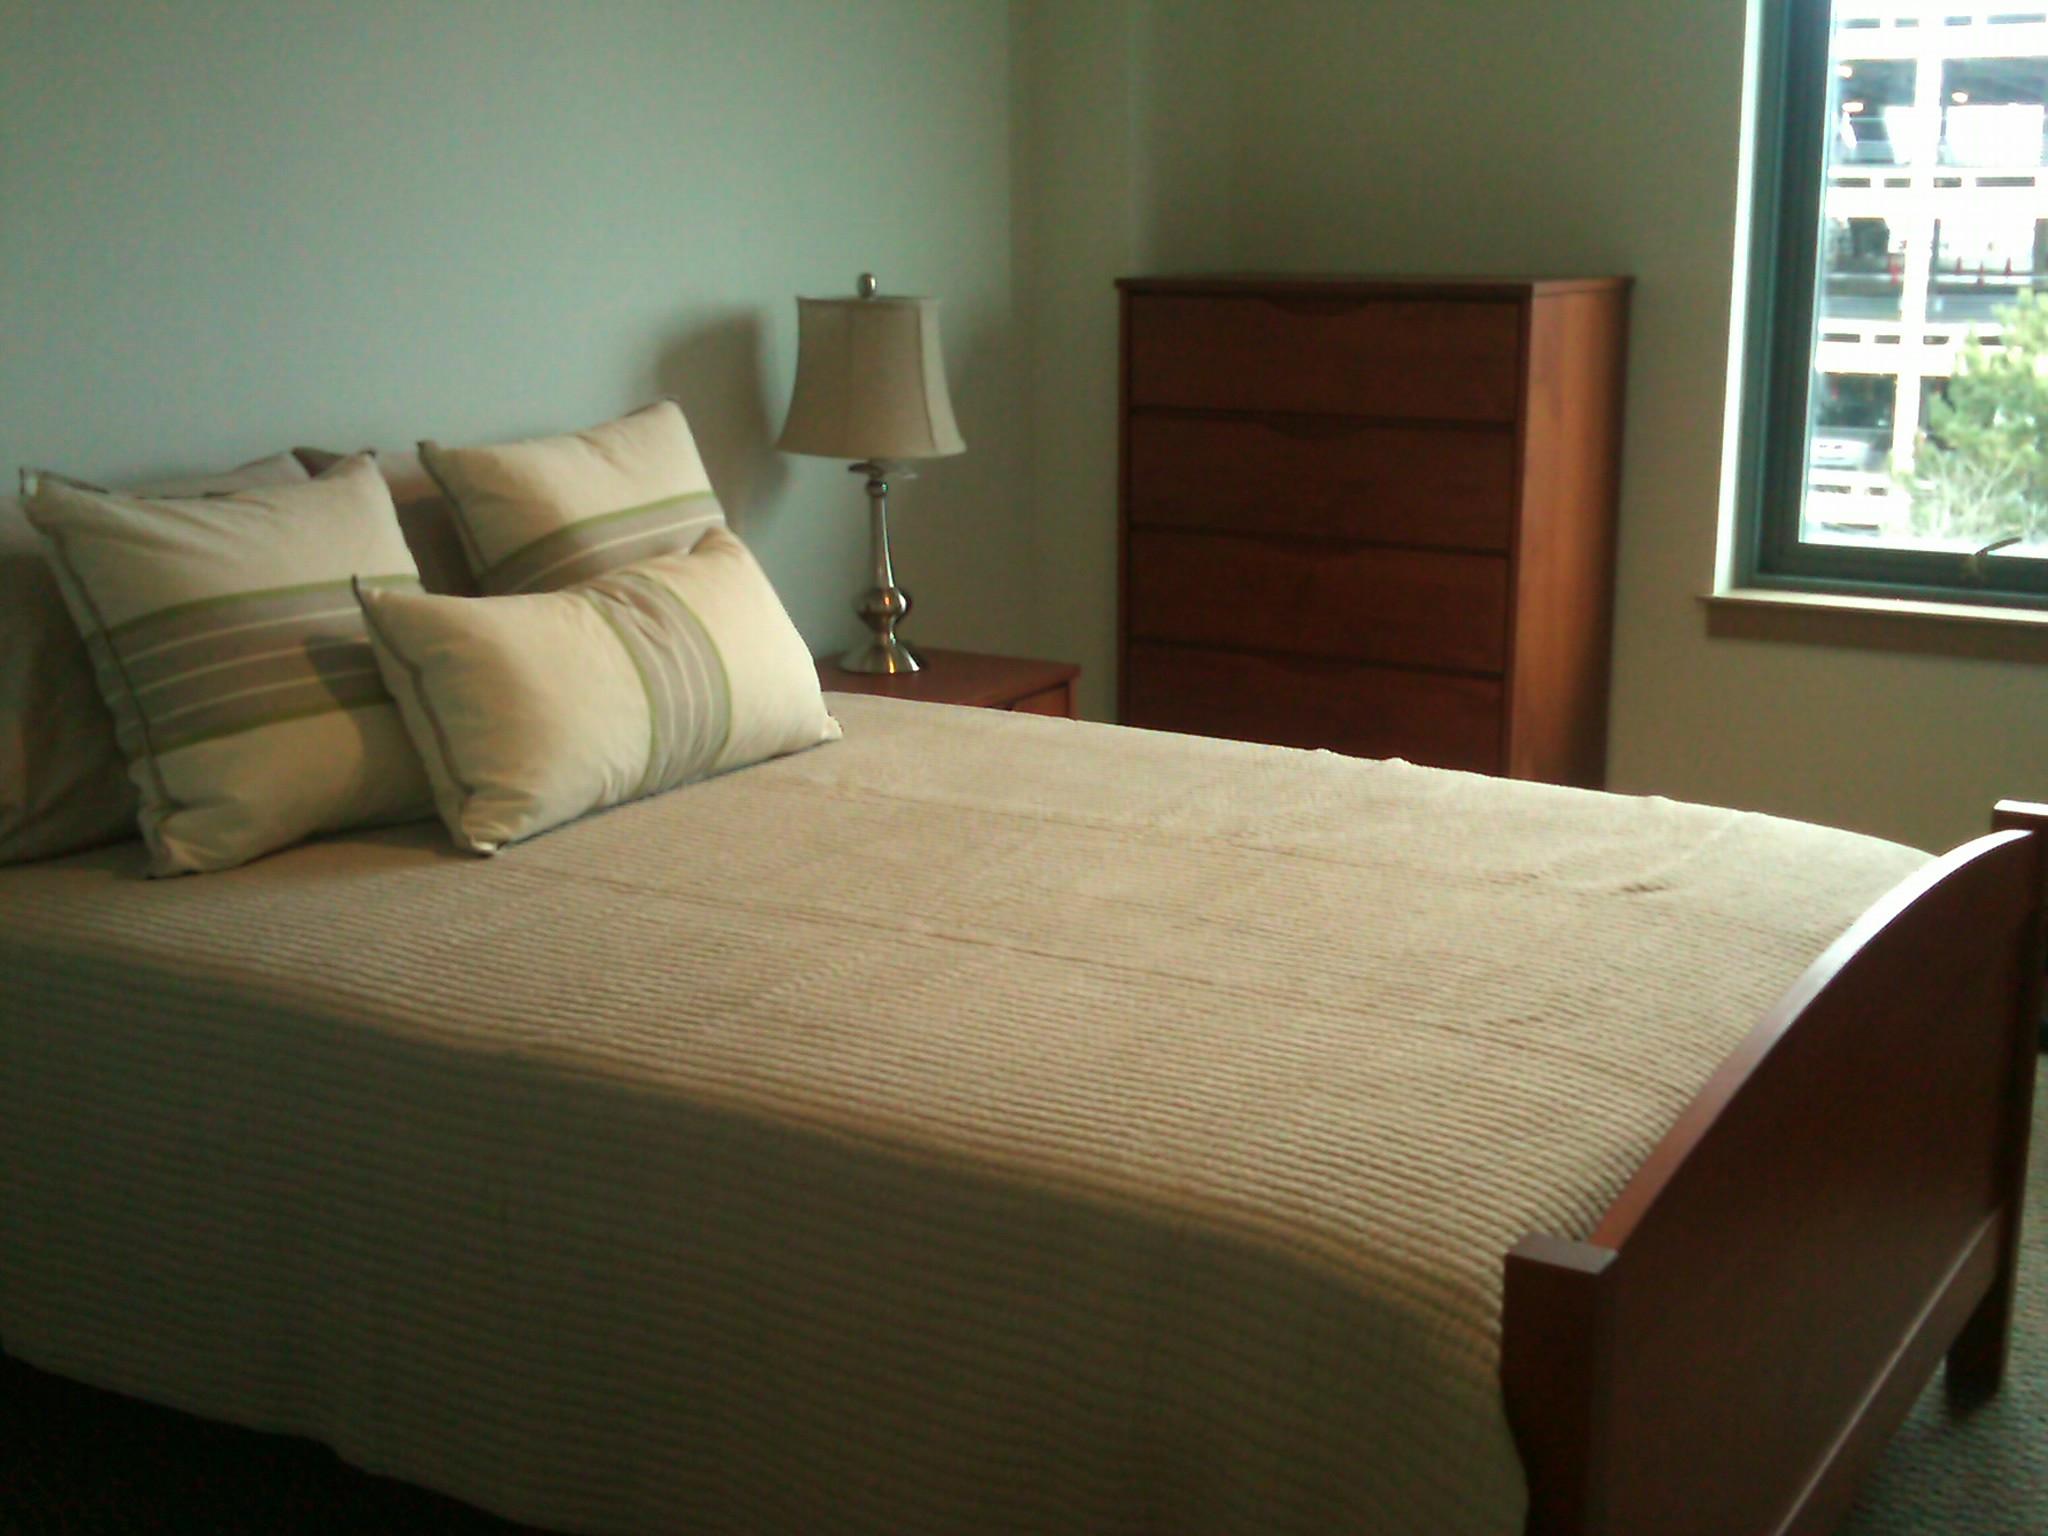 View a suite